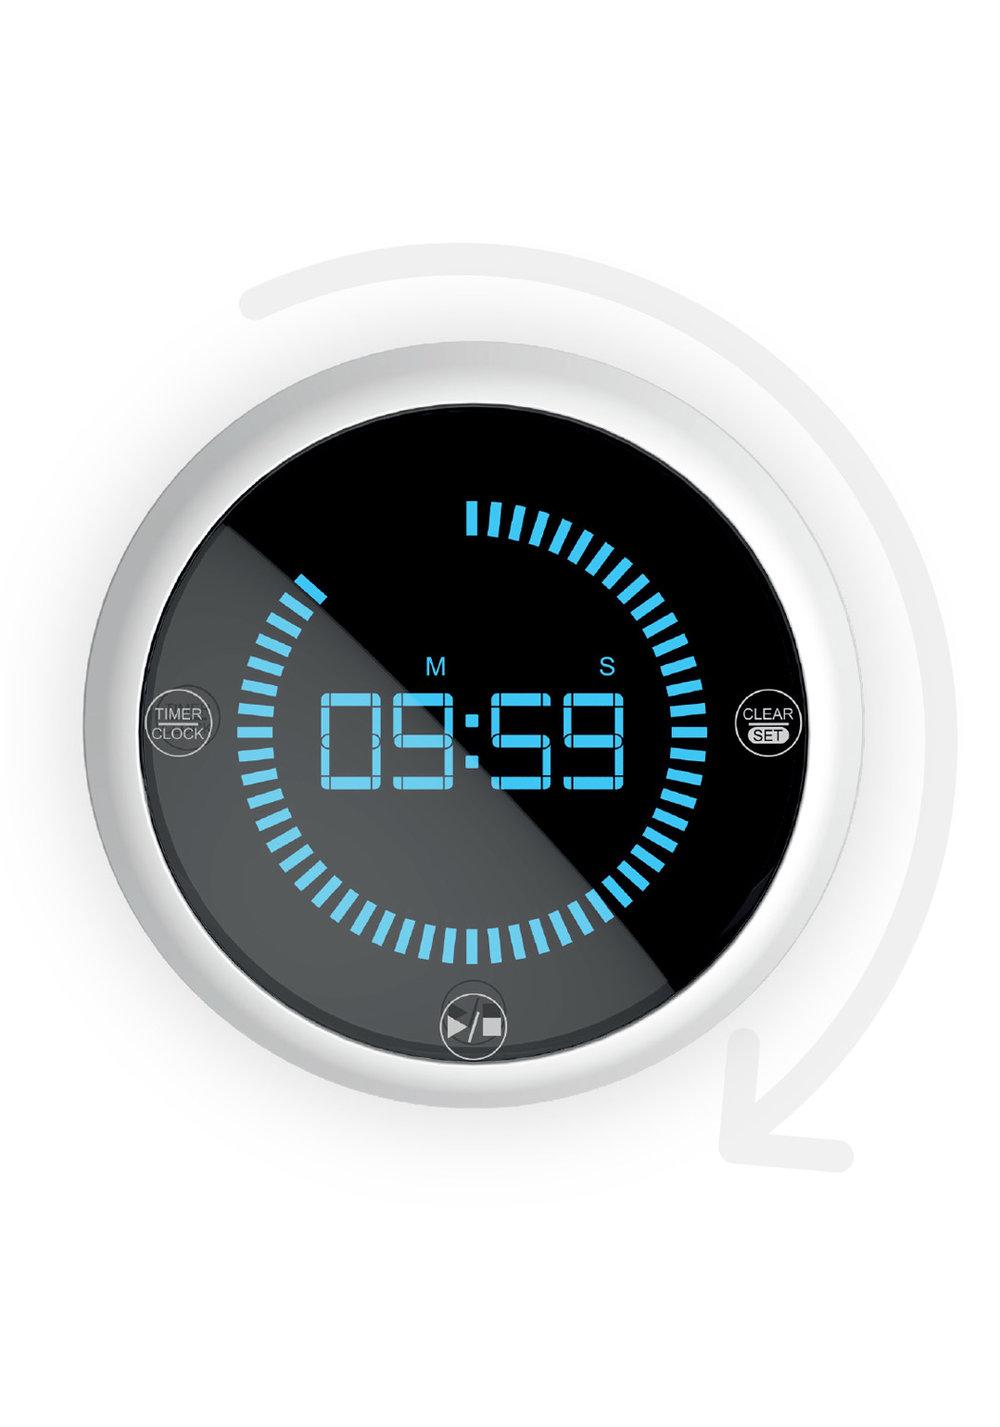 facilitez-vous le geste - Tournez simplement l'anneau rotatif dans le sens des aiguilles d'une montre pour régler votre temps.• Timer rotatif• Touches sensitives